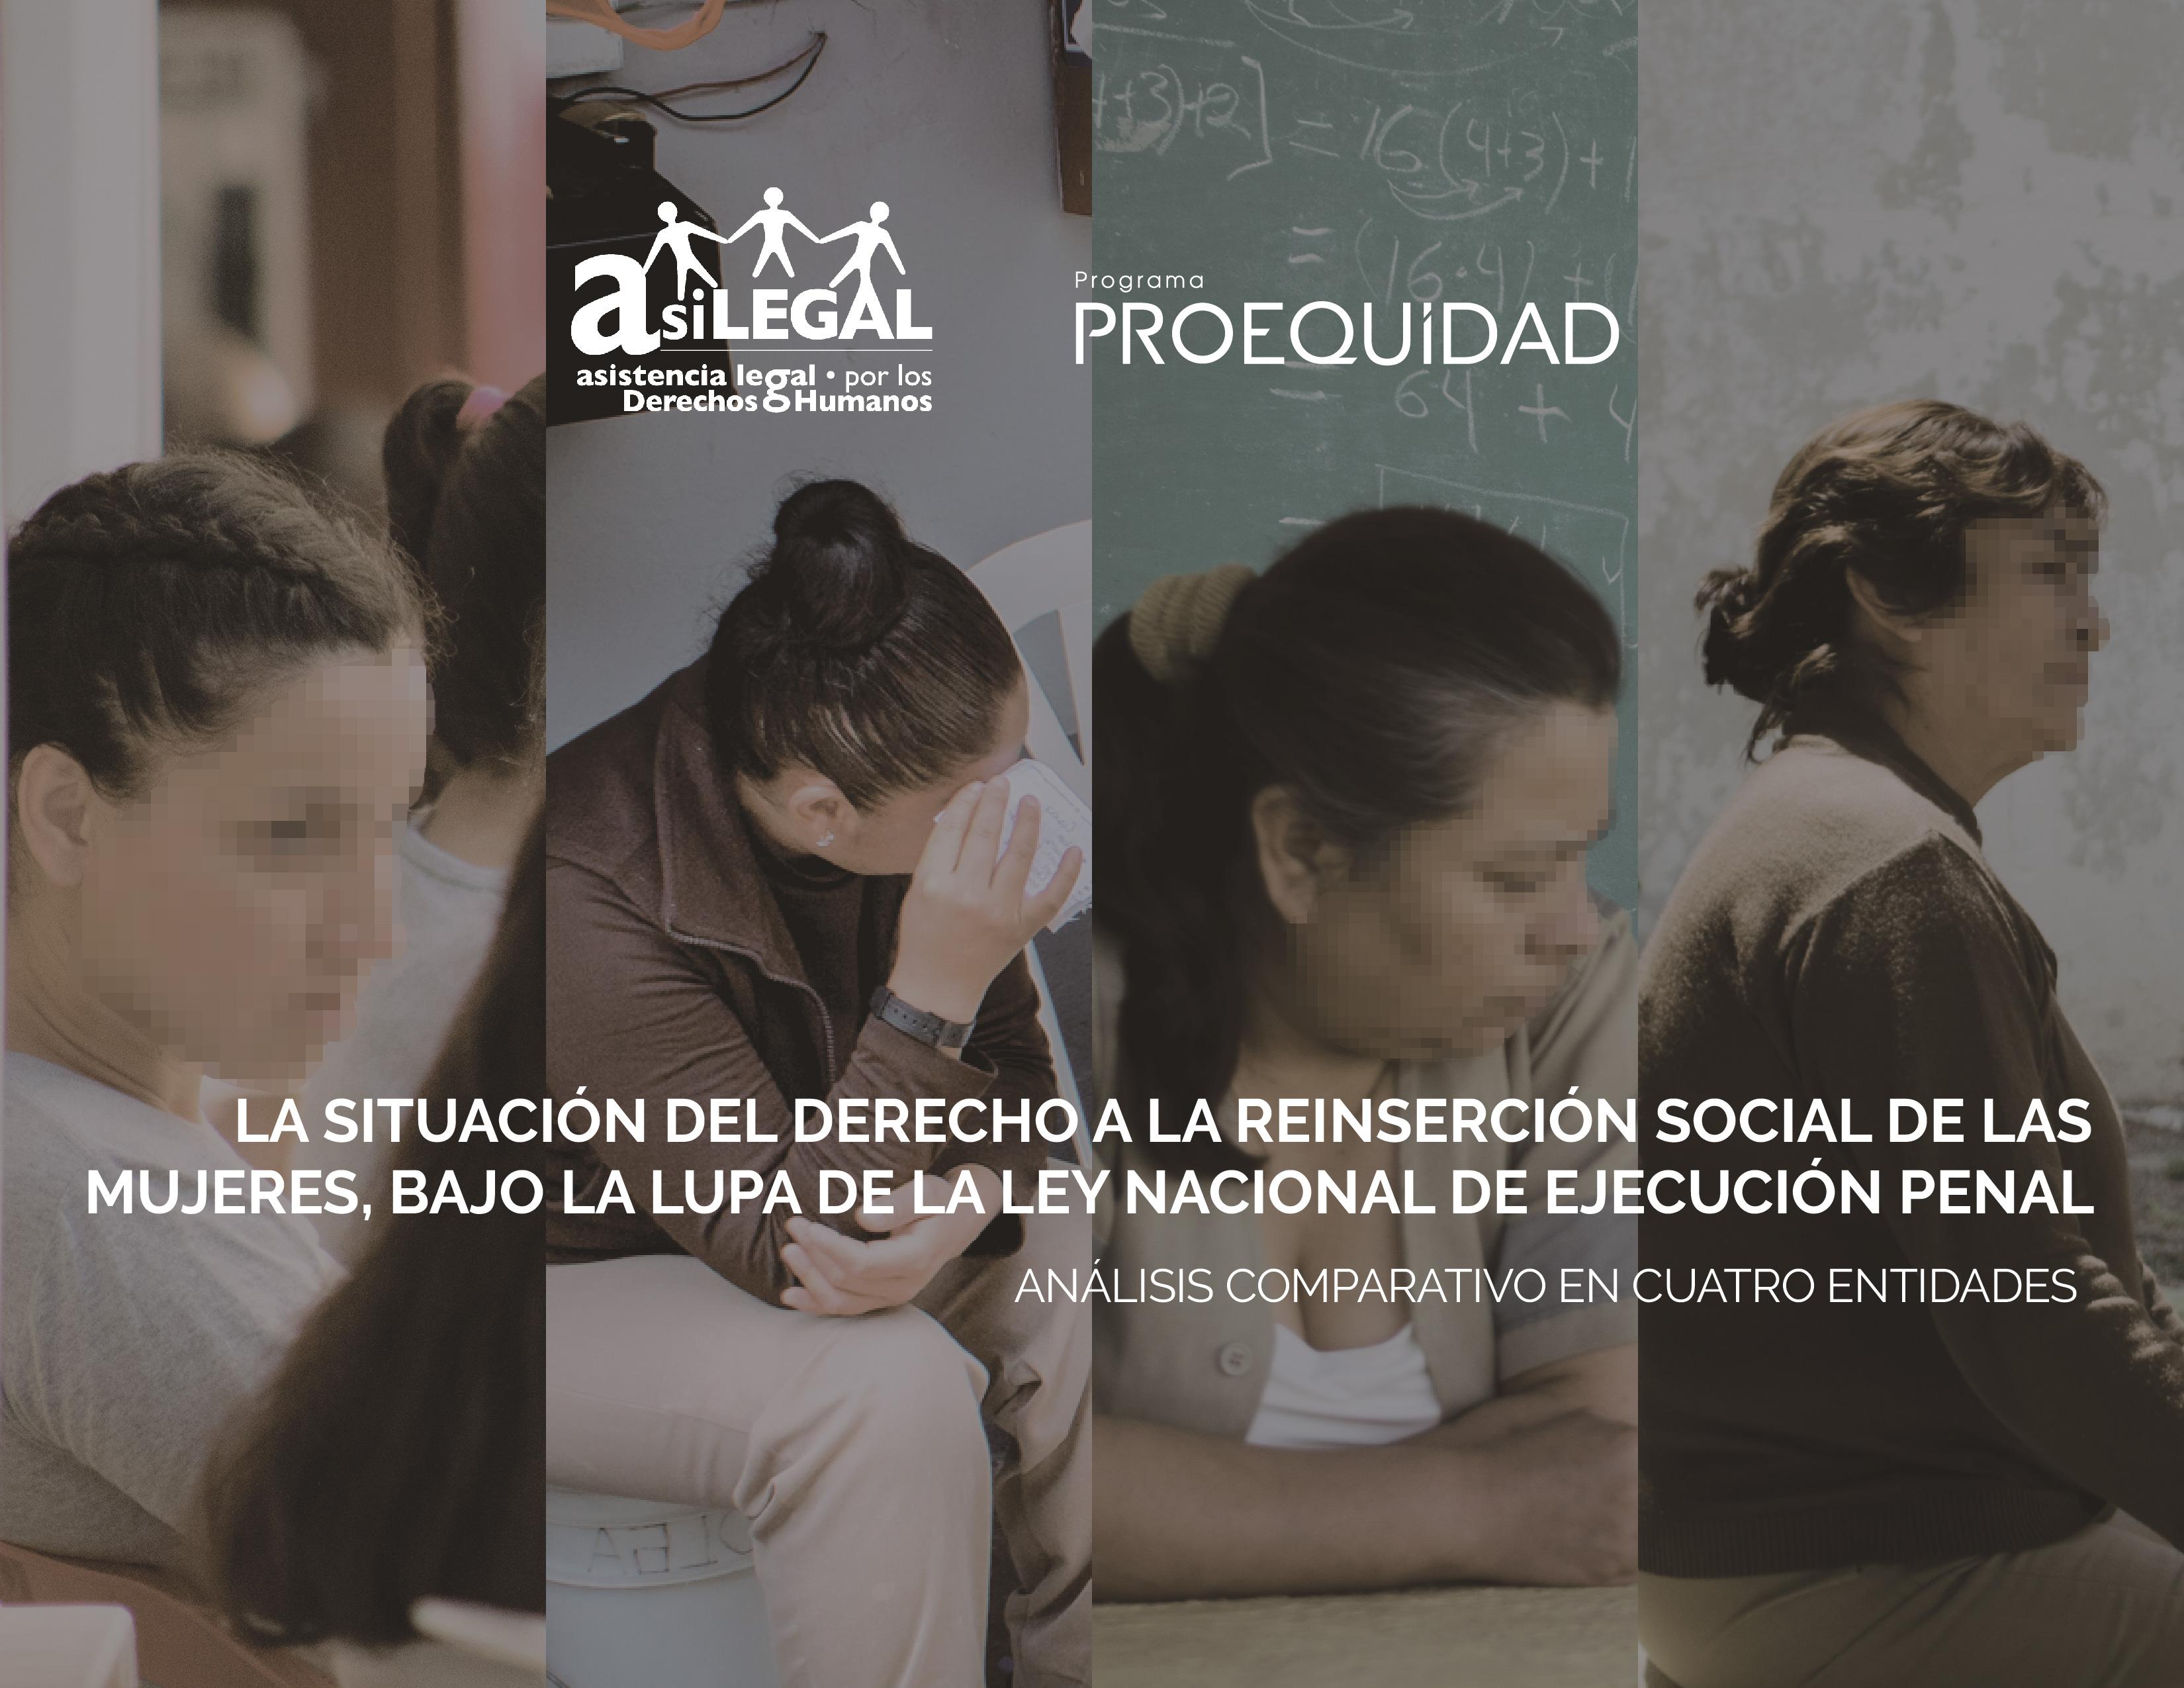 COMUNICADO: Violaciones a derechos humanos y falta de perspectiva de género, factores que impiden la reinserción social de las mujeres